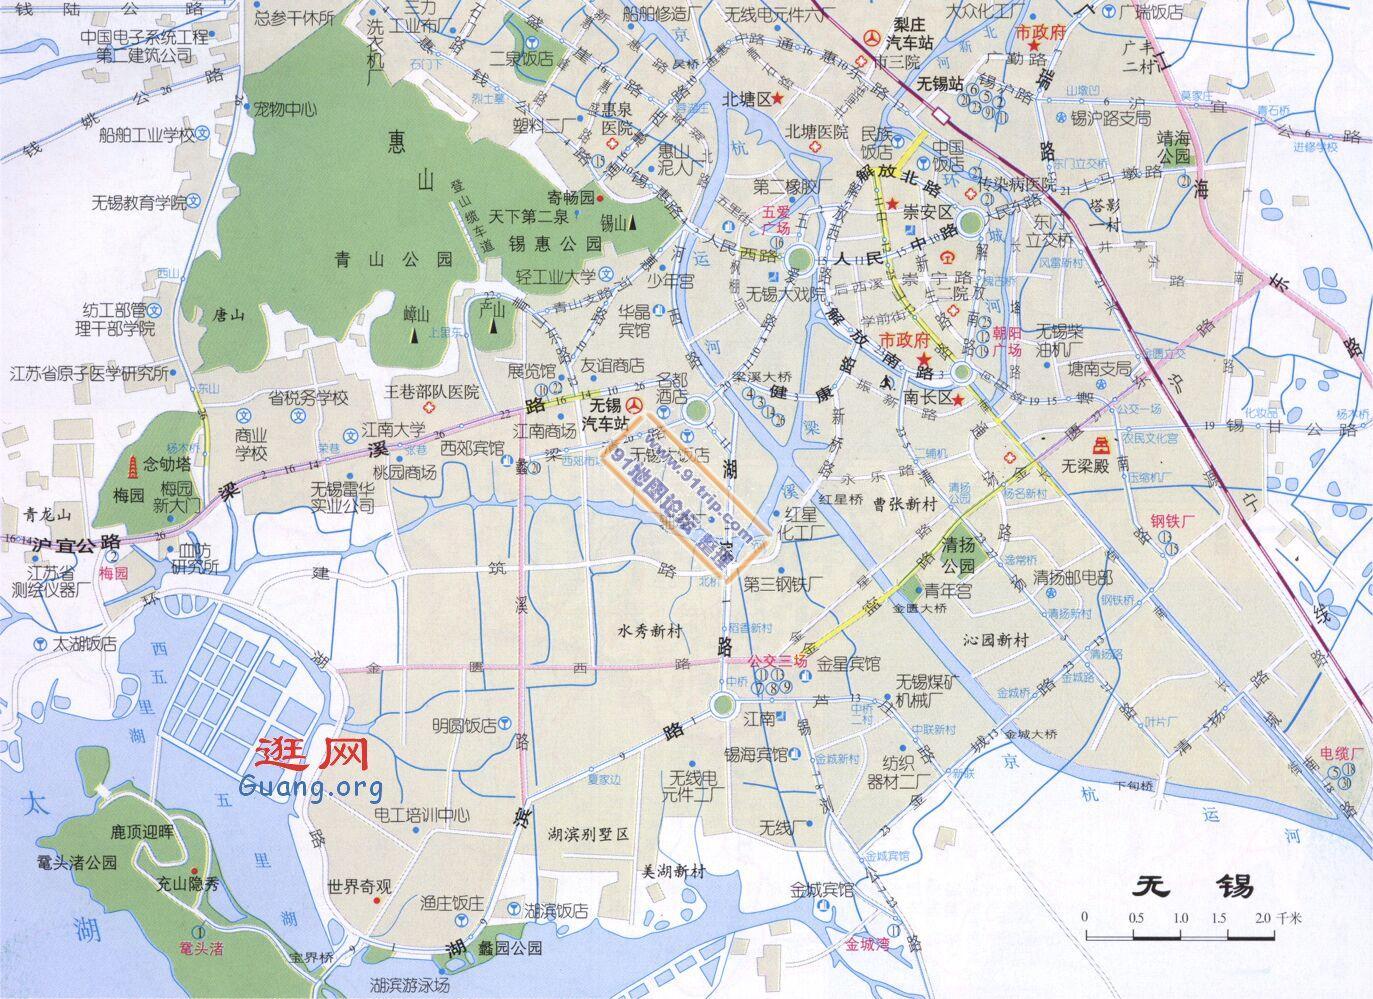 江苏无锡地图